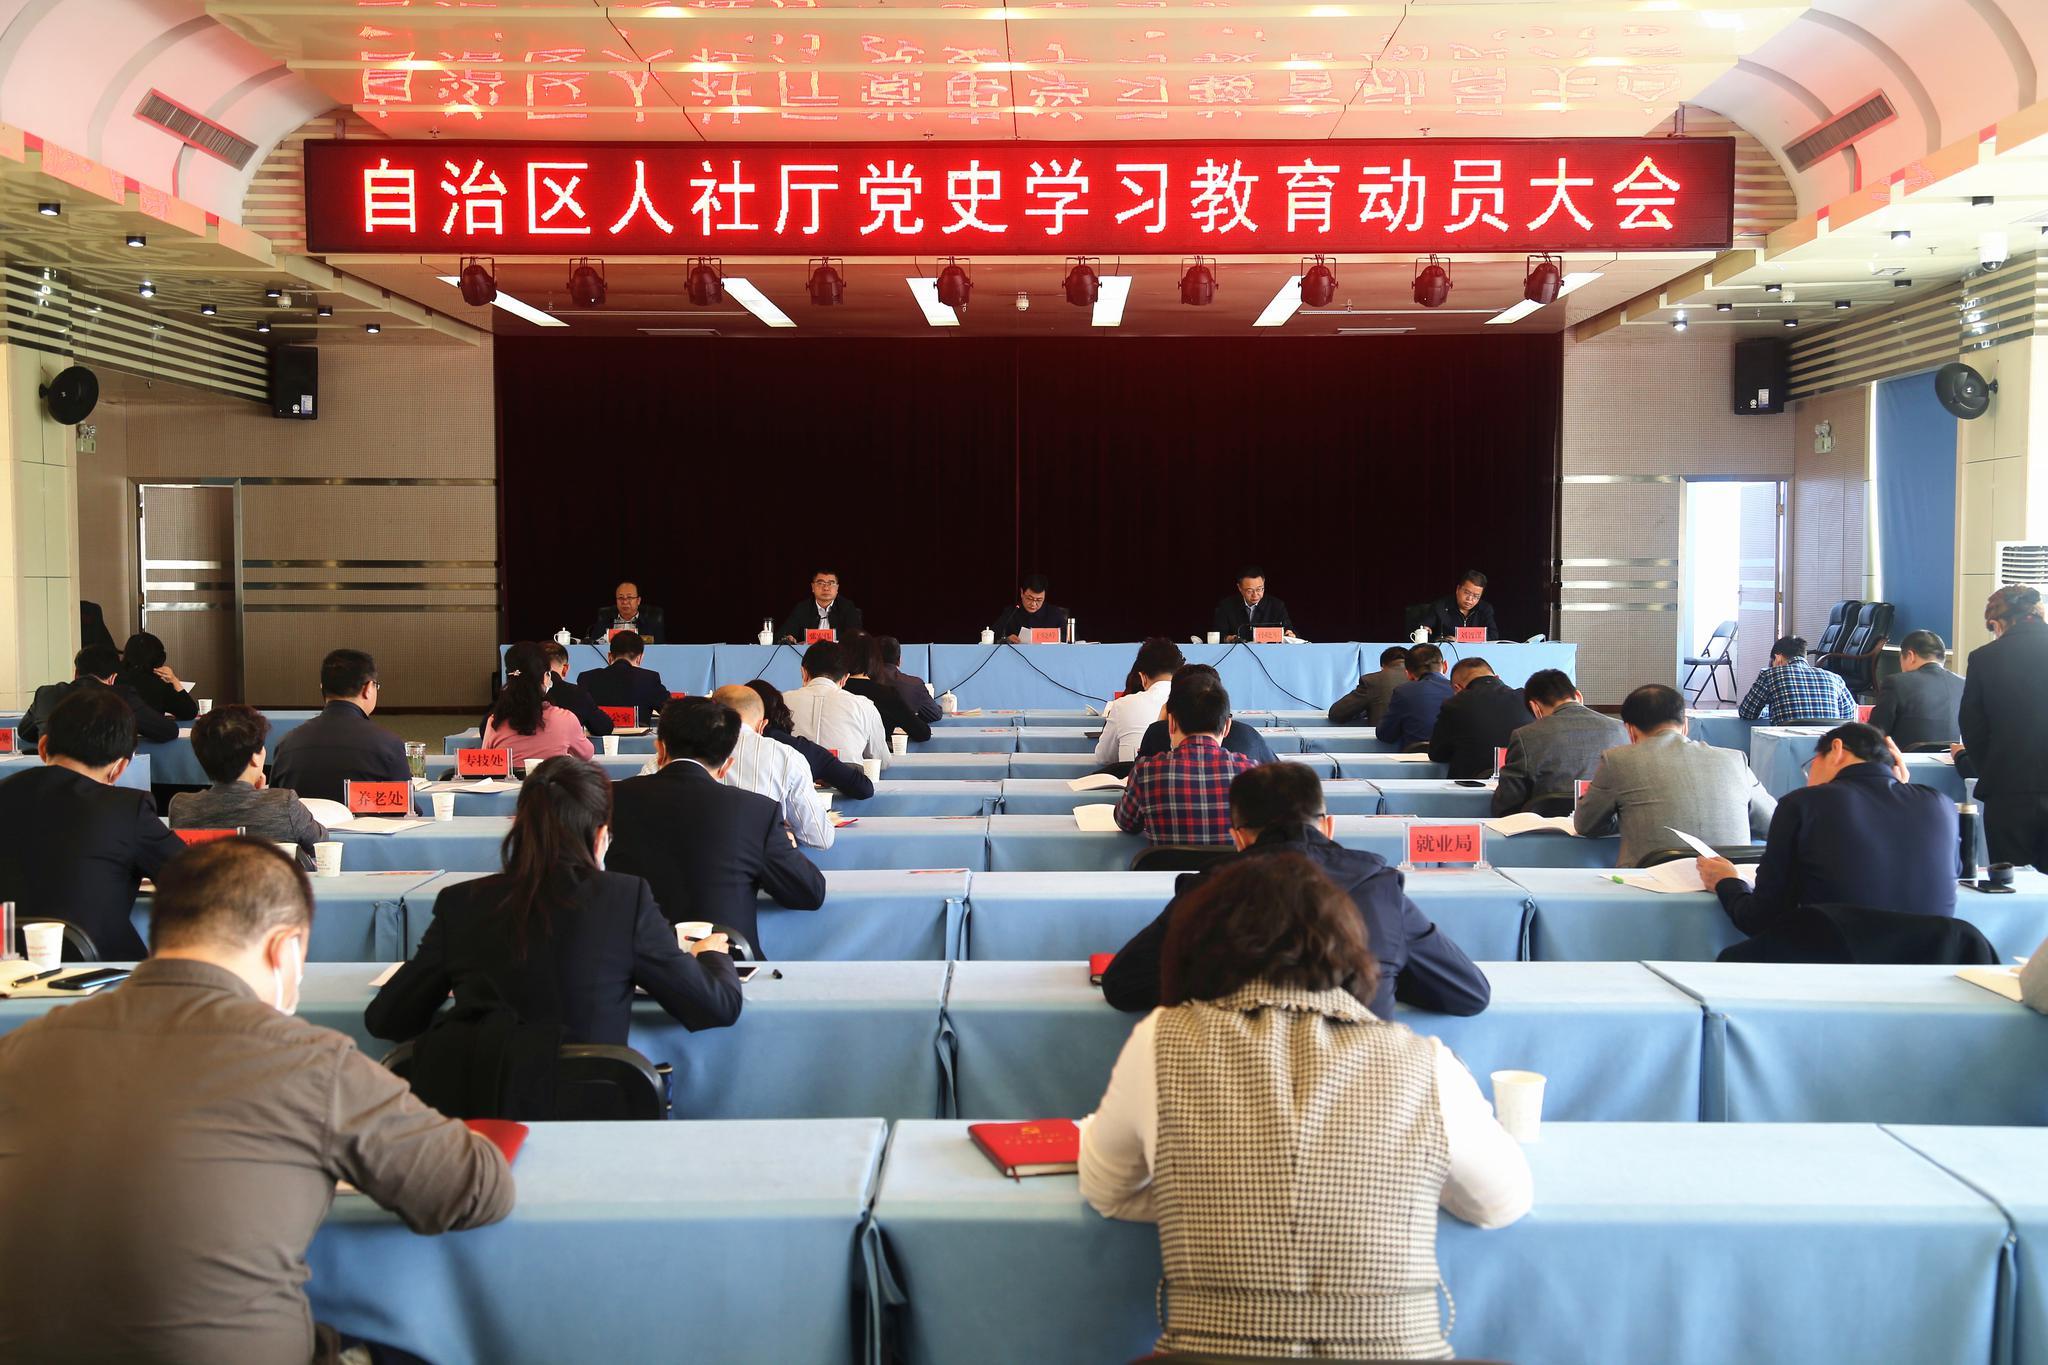 宁夏人力资源和社会保障厅召开党史学习教育动员会